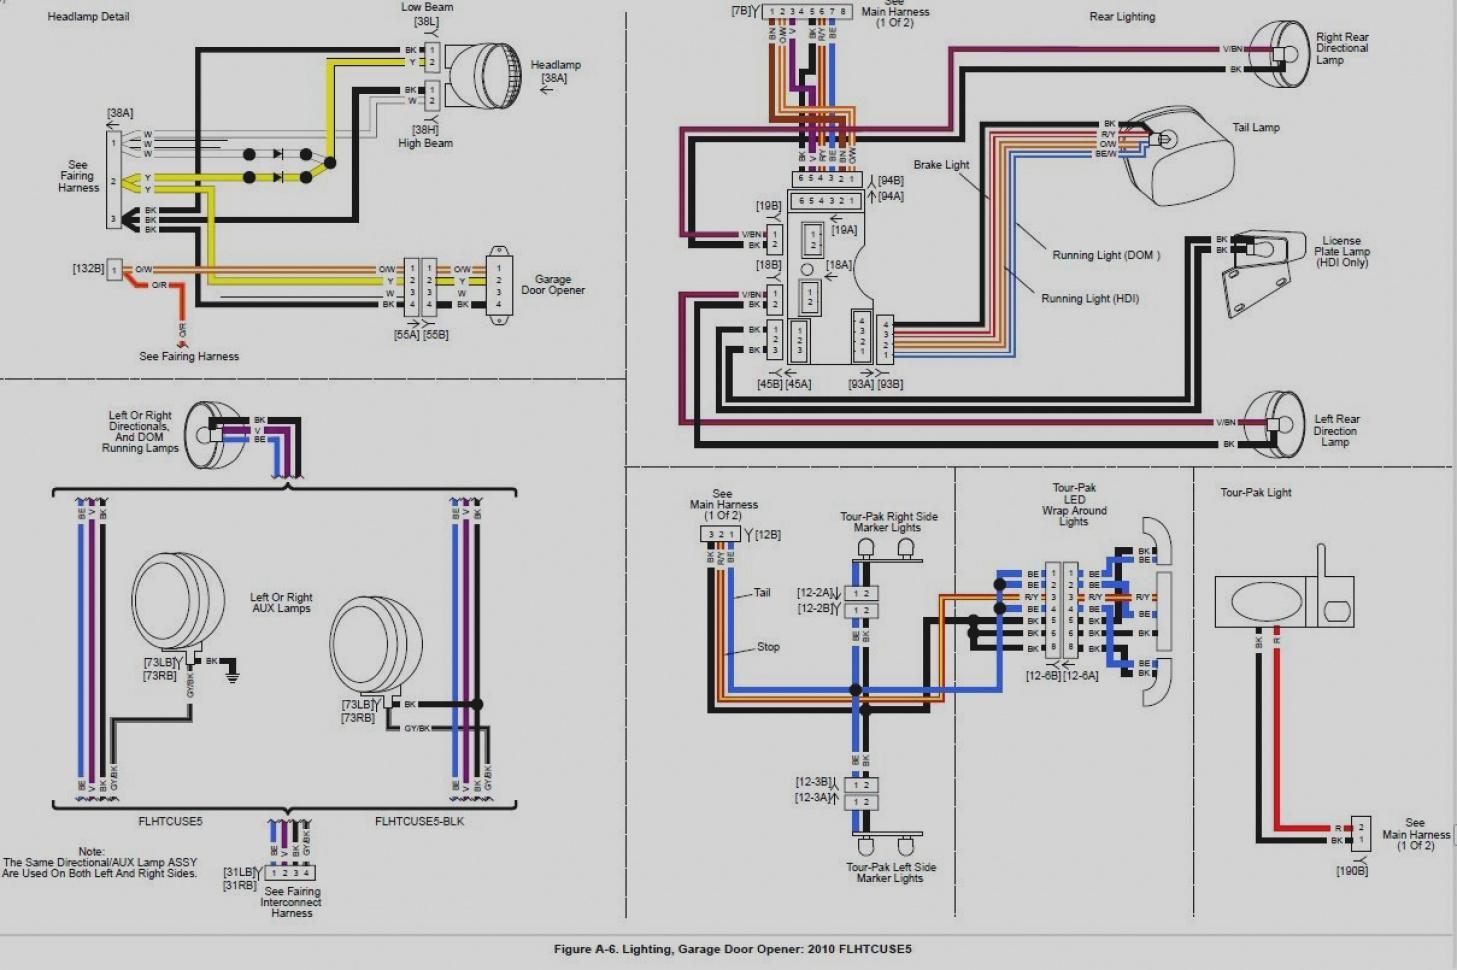 garage door sensor wiring diagram - amazing garage door sensor wiring  diagram safety best interior 9o